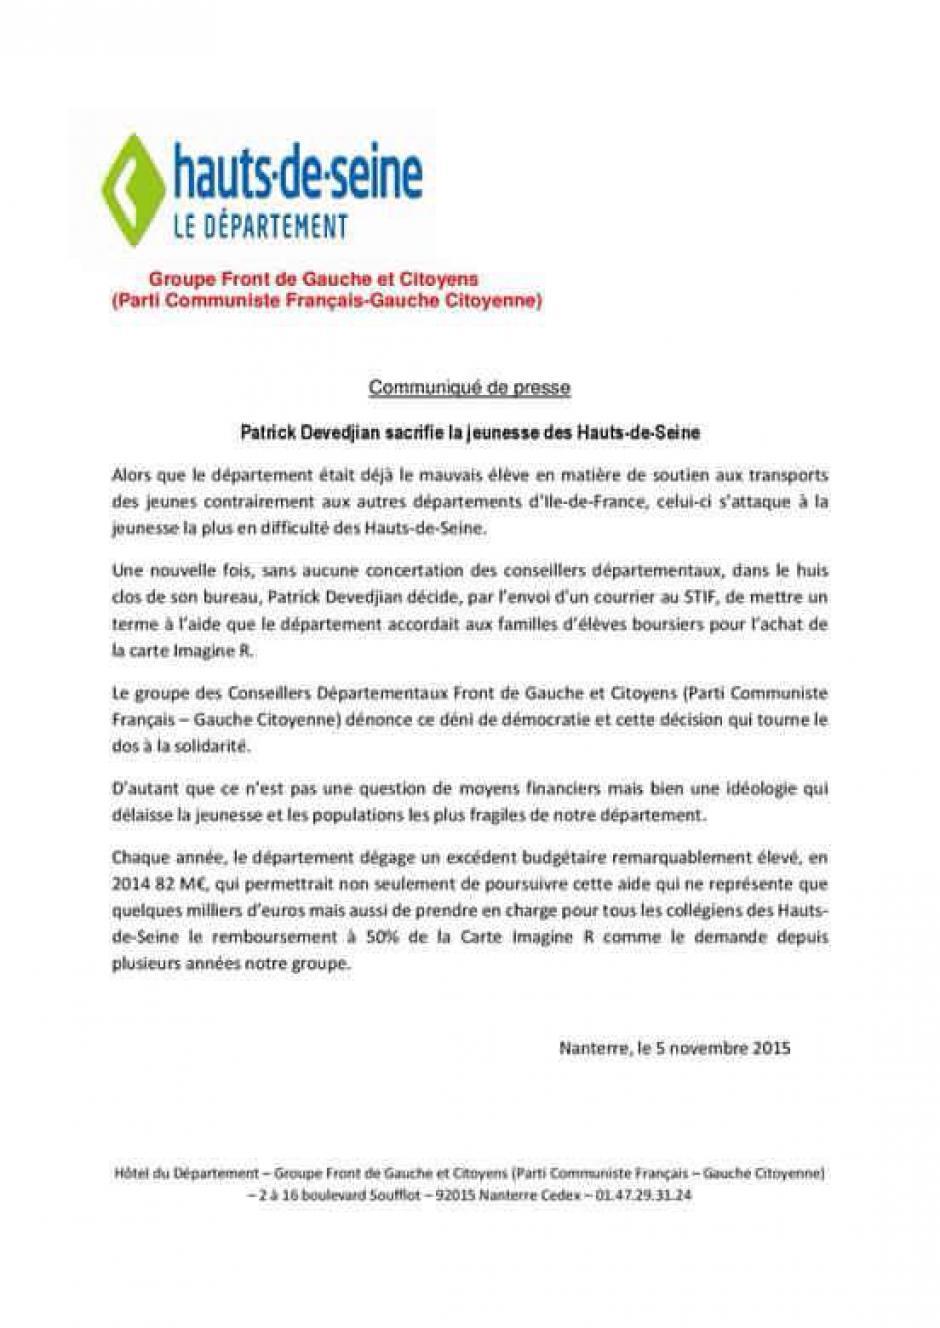 Les Hauts-de-Seine, département le plus riche de France mais surtout le plus inégalitaire !